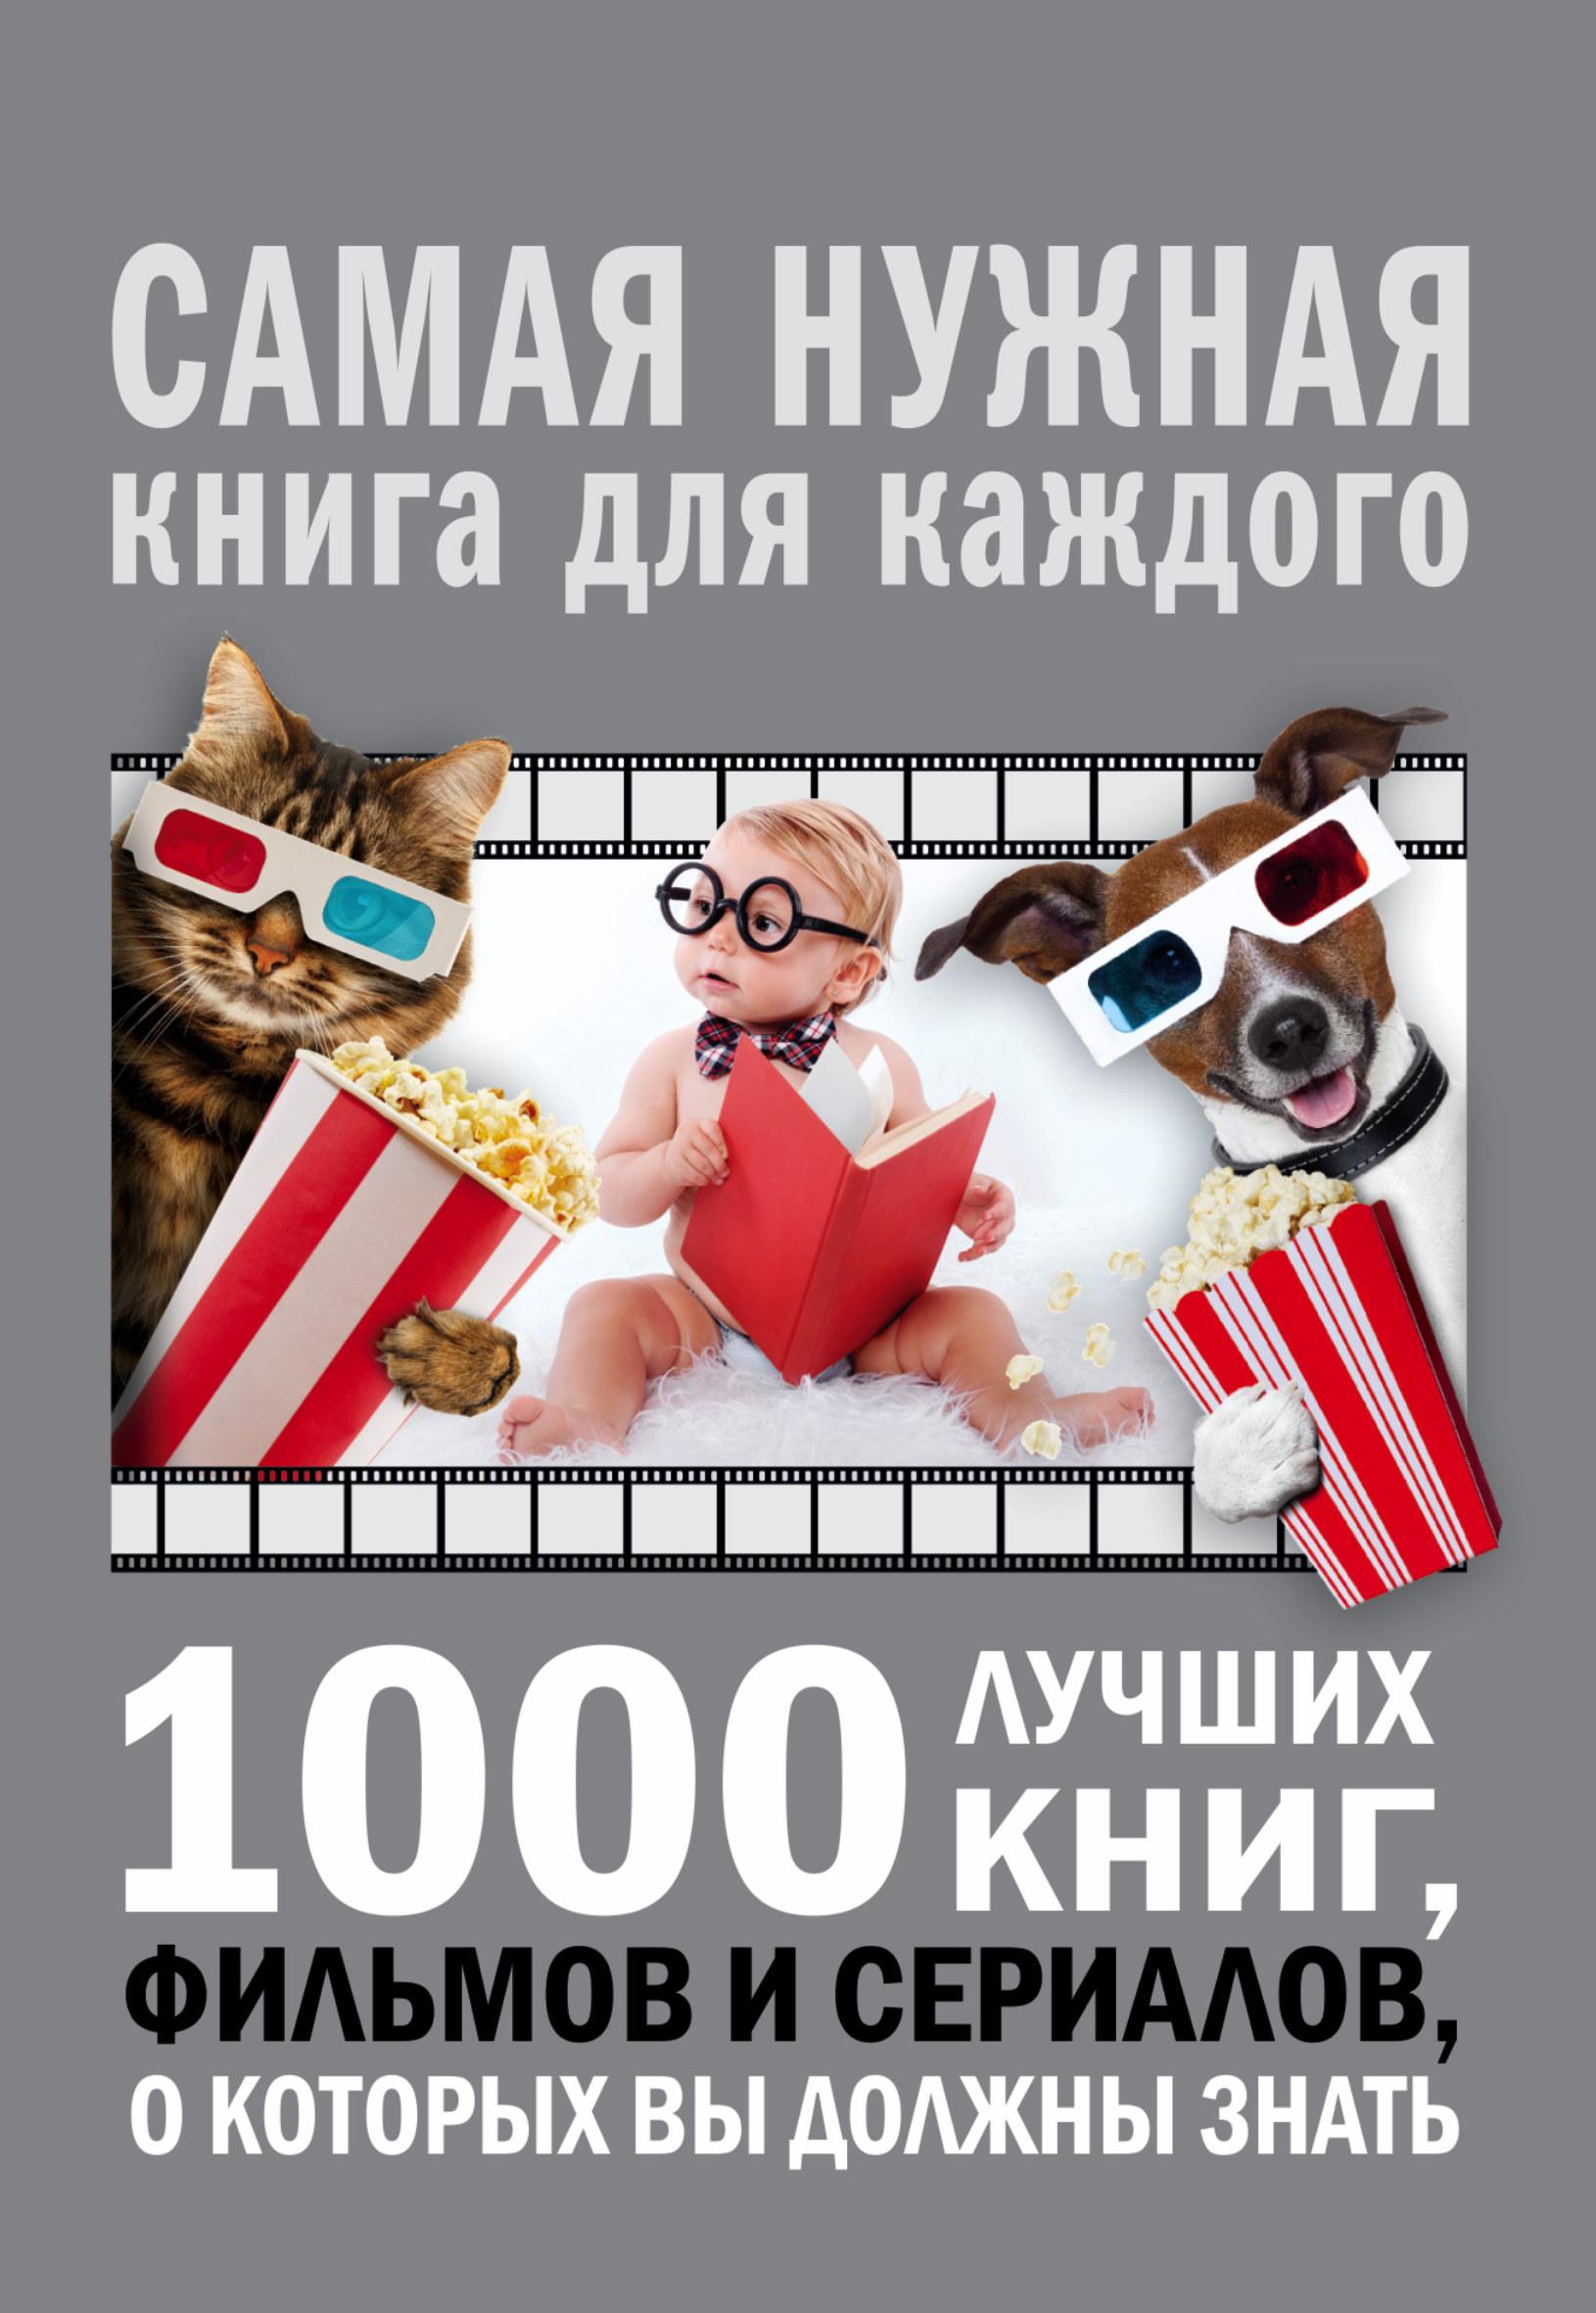 1000 лучших книг, фильмов и сериалов, о которых вы должны знать ( Мерников А.Г.  )